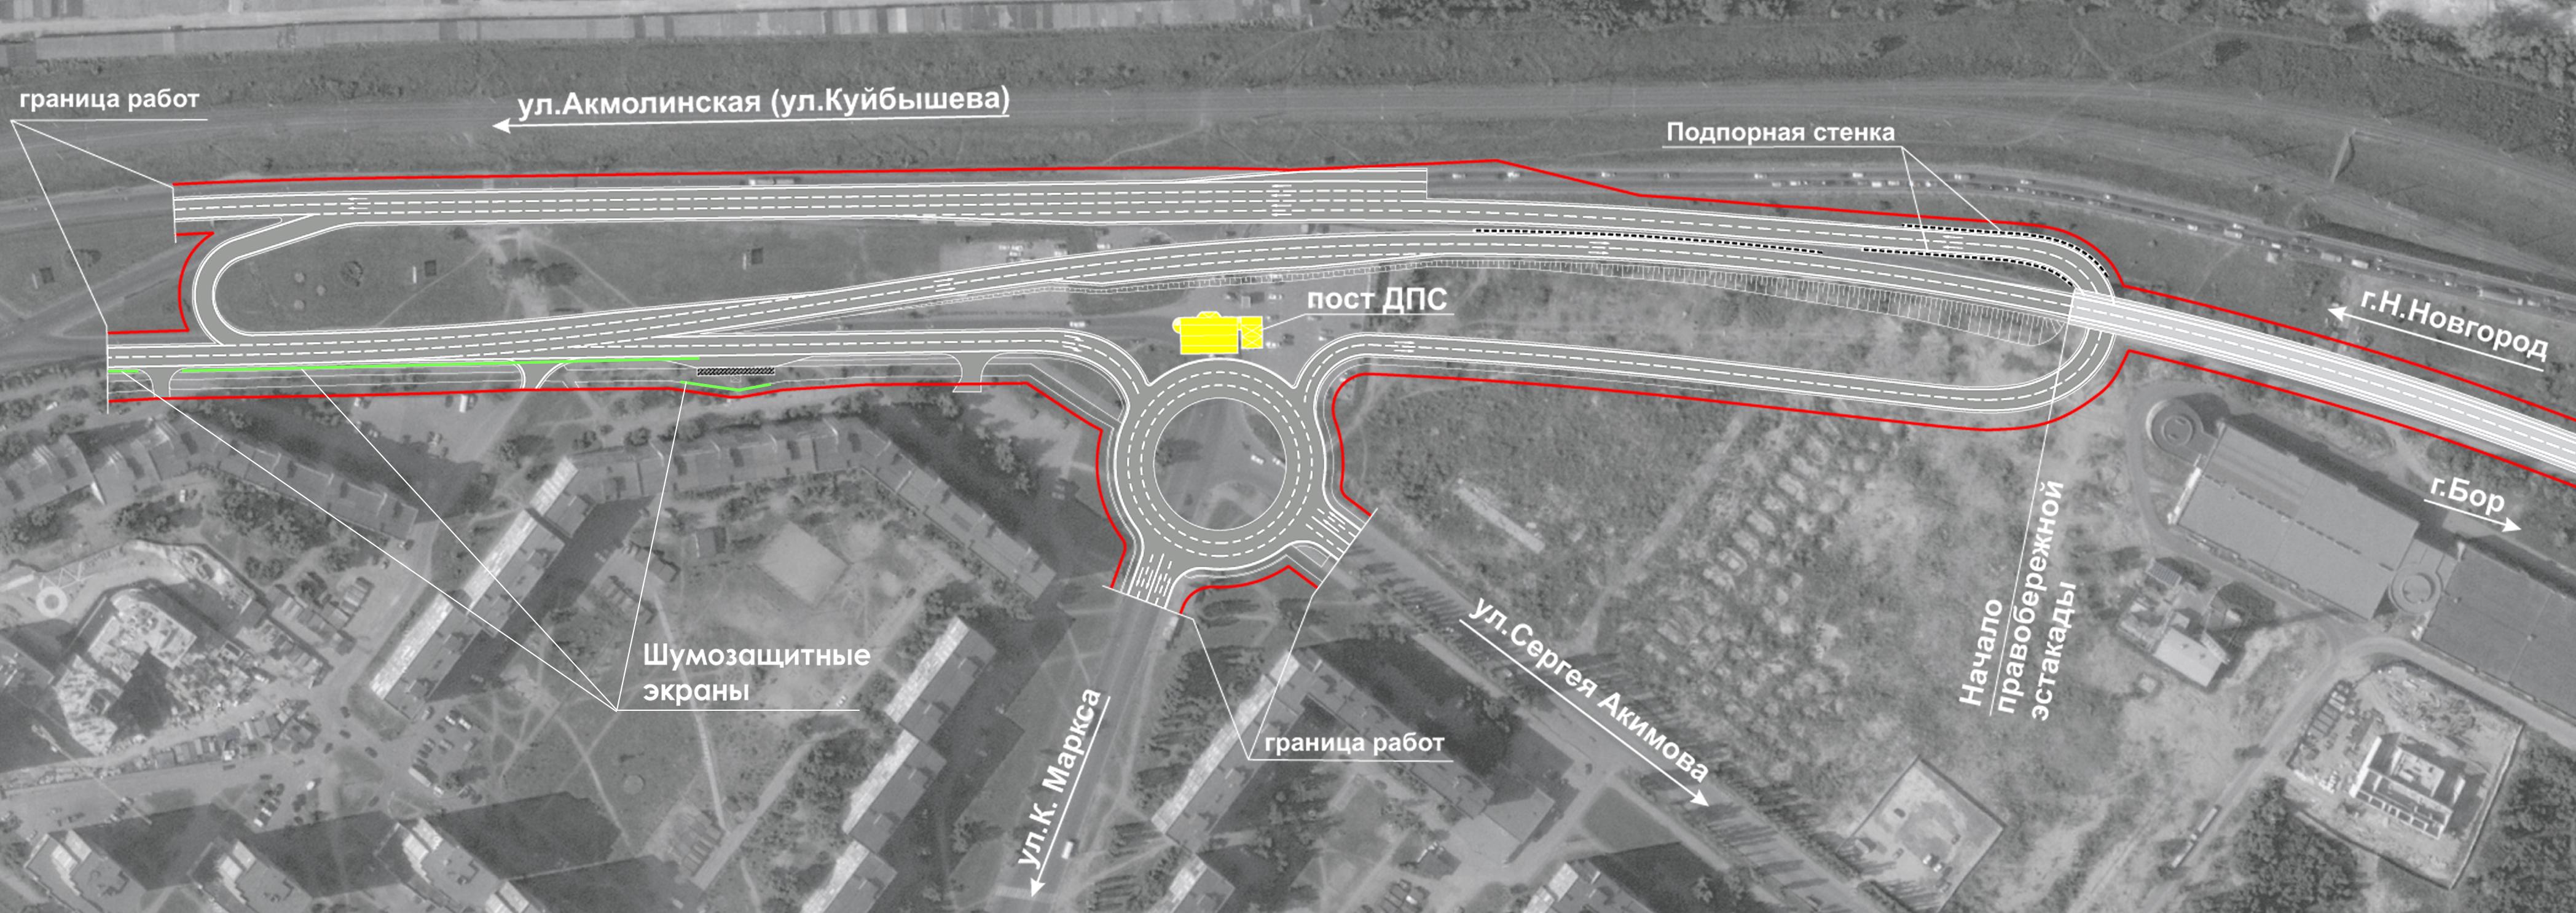 Схема проезда через новый борский мост